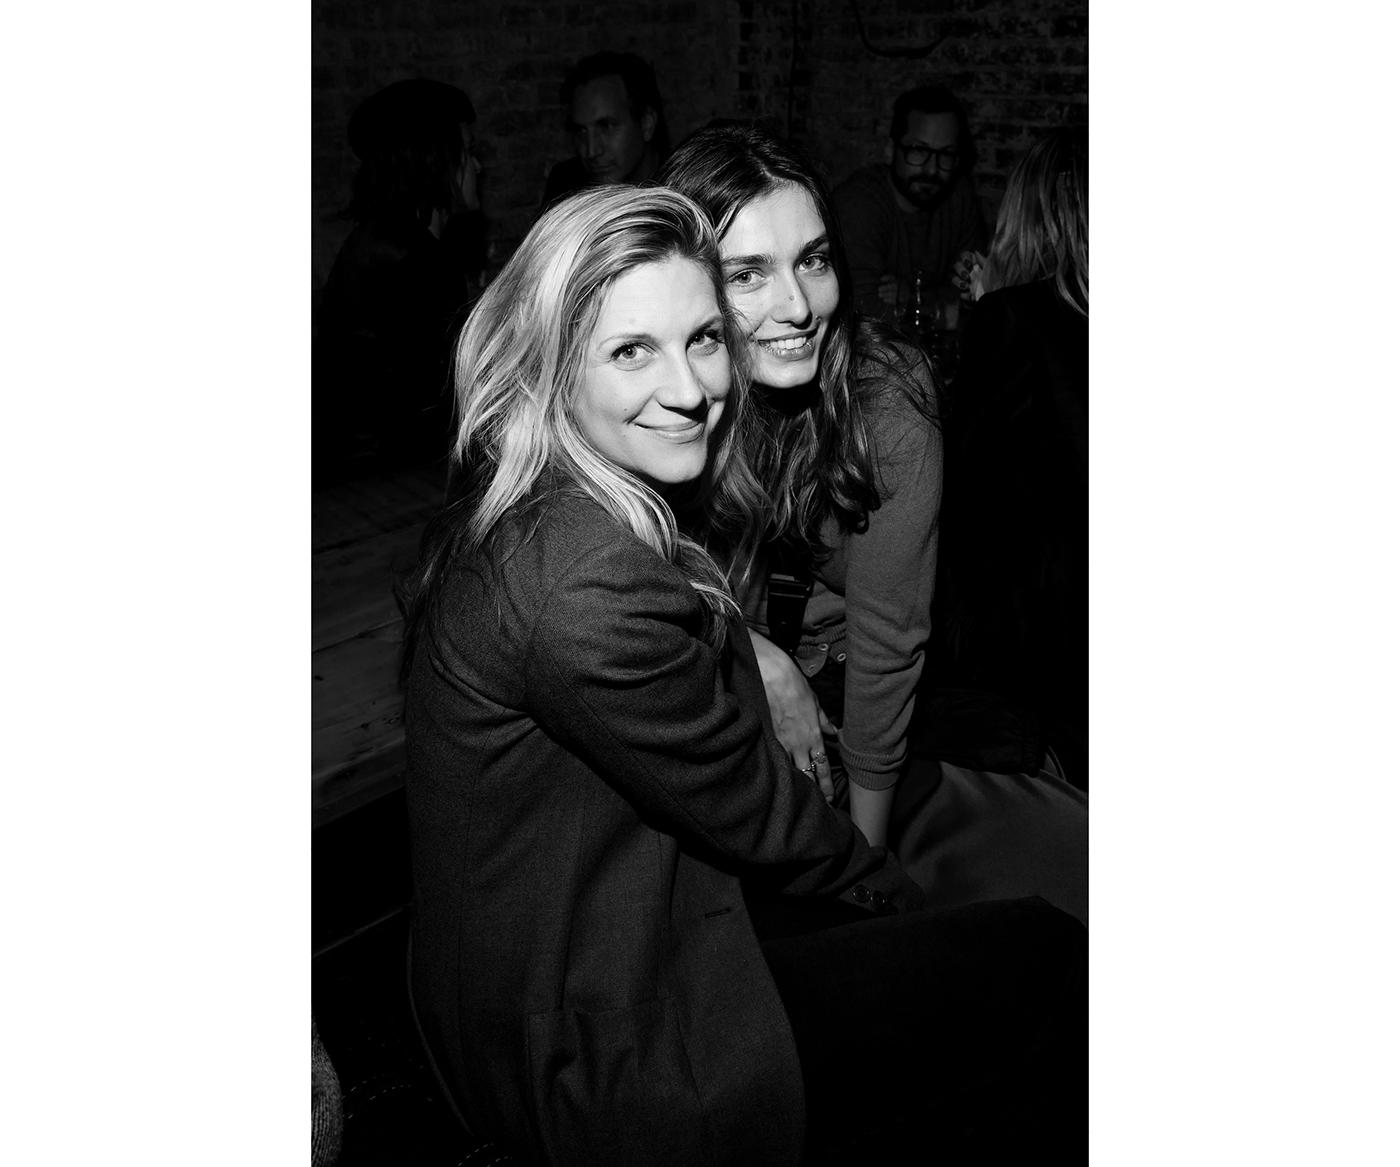 Kristina O'Neill and Andreea Diaconu